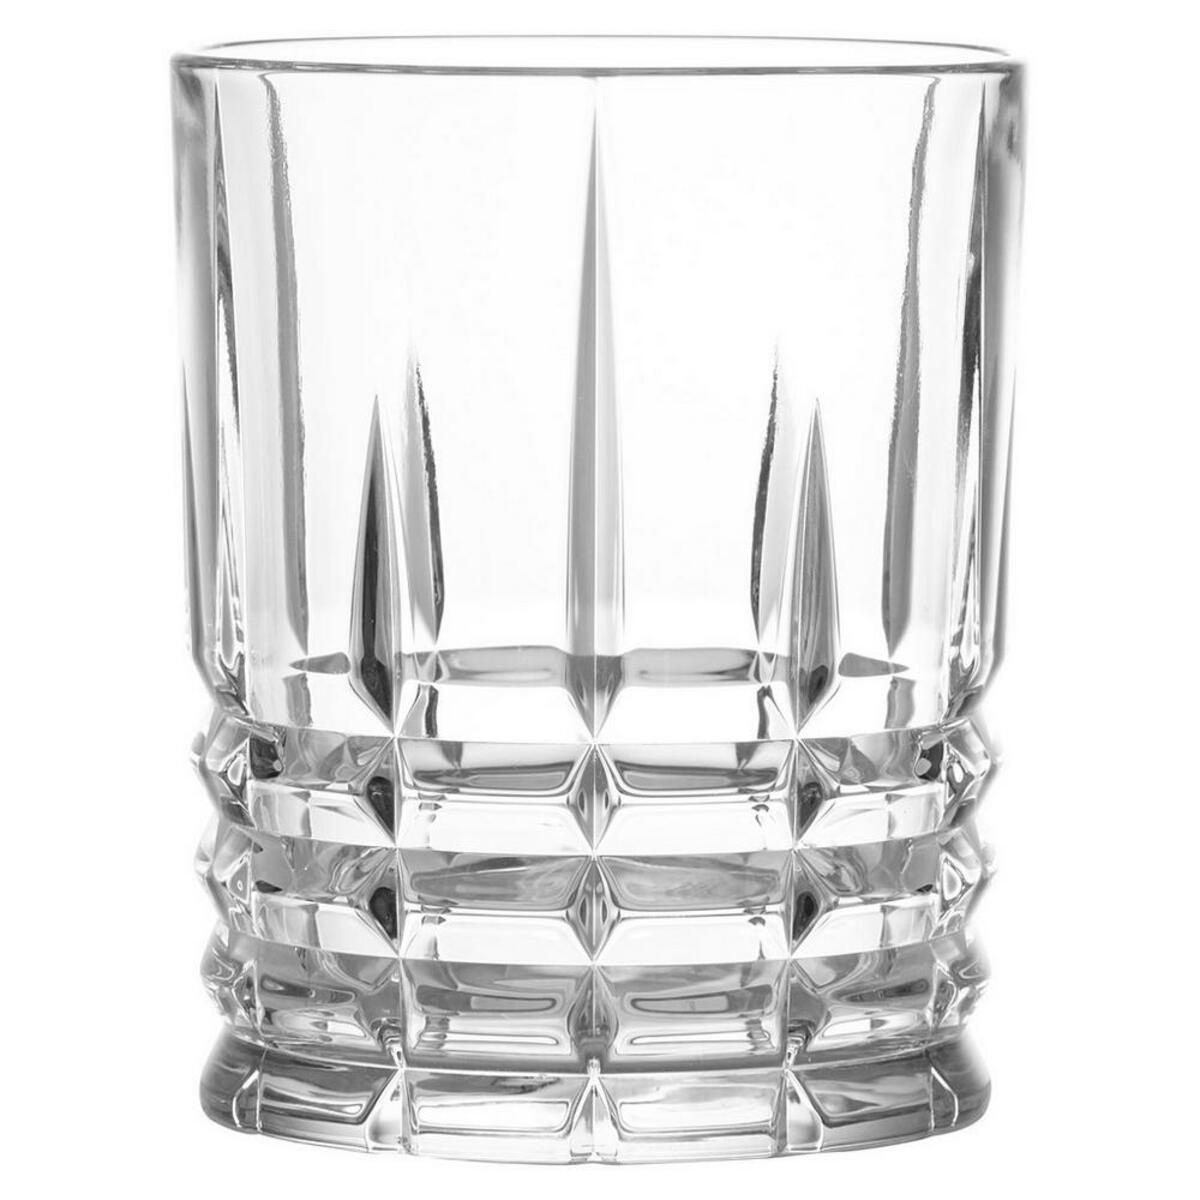 Bild 2 von Whiskygläserset Nachtmann Square 4-teilig